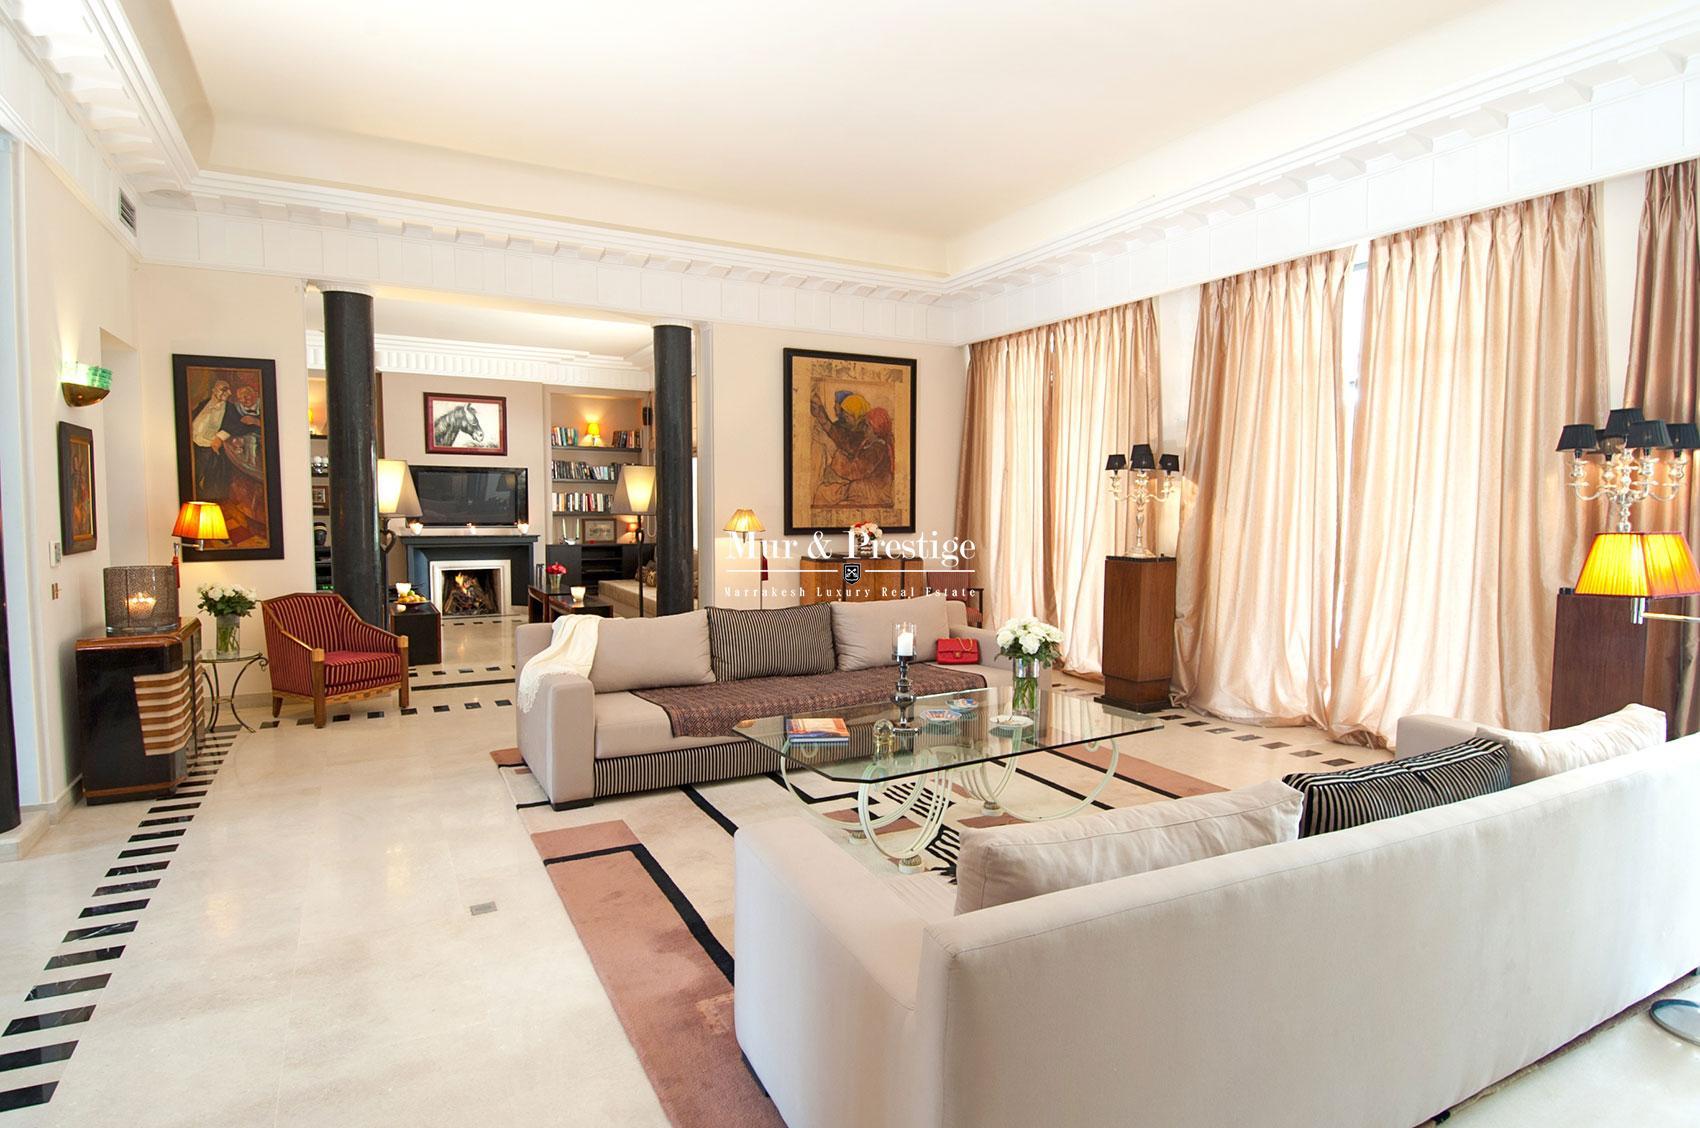 Achat de villa a Marrakech